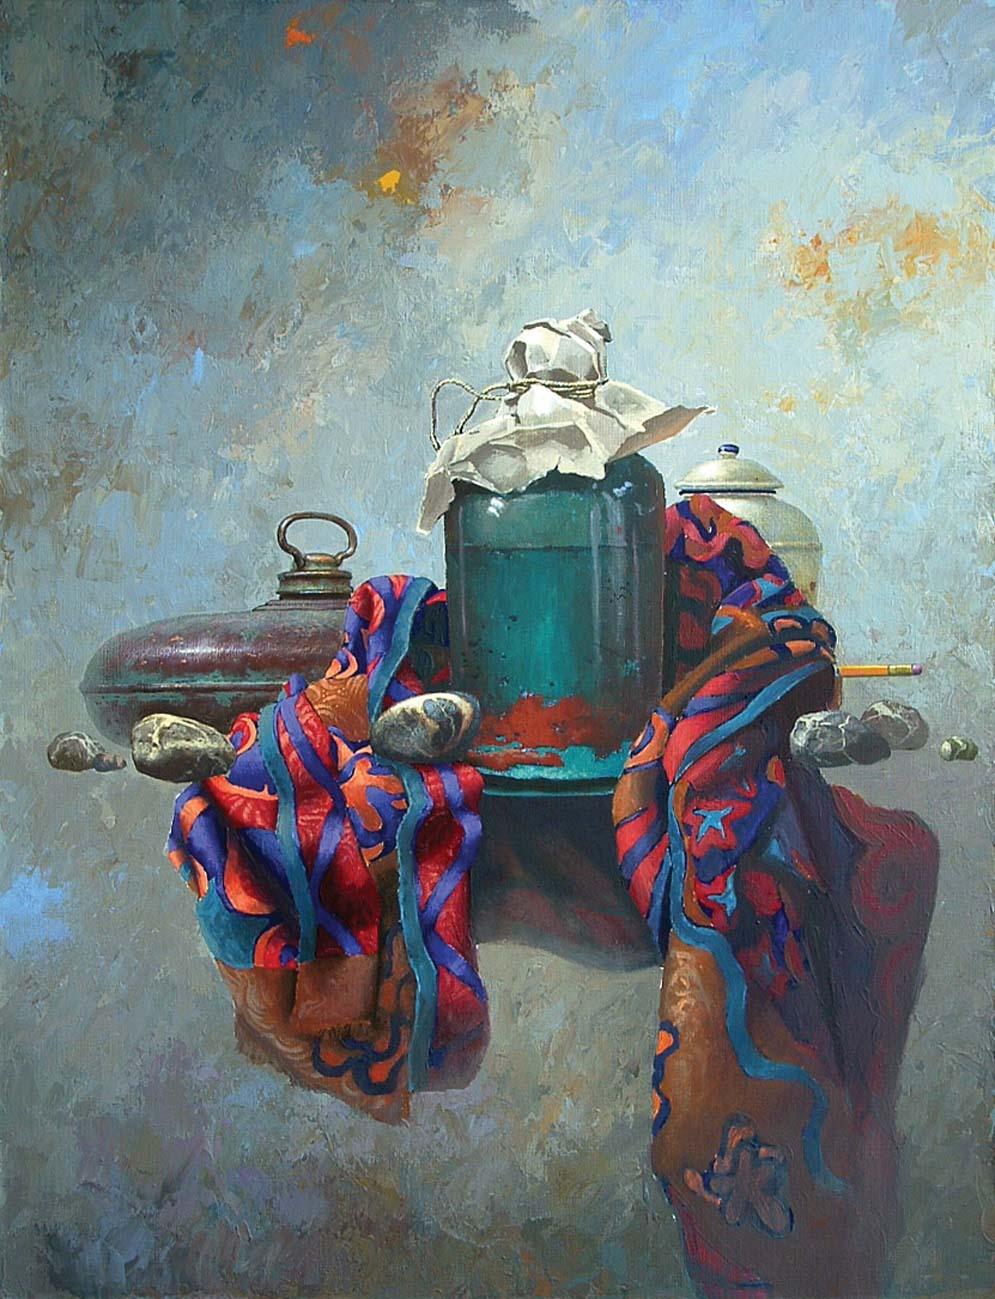 KROK 4 Określenie ostatecznej kolorystyki Wprowadzam pozostałe elementy kompozycji, malując je w dużym finałowym przybliżeniu. Obraz nabiera ostatecznych kształtów.